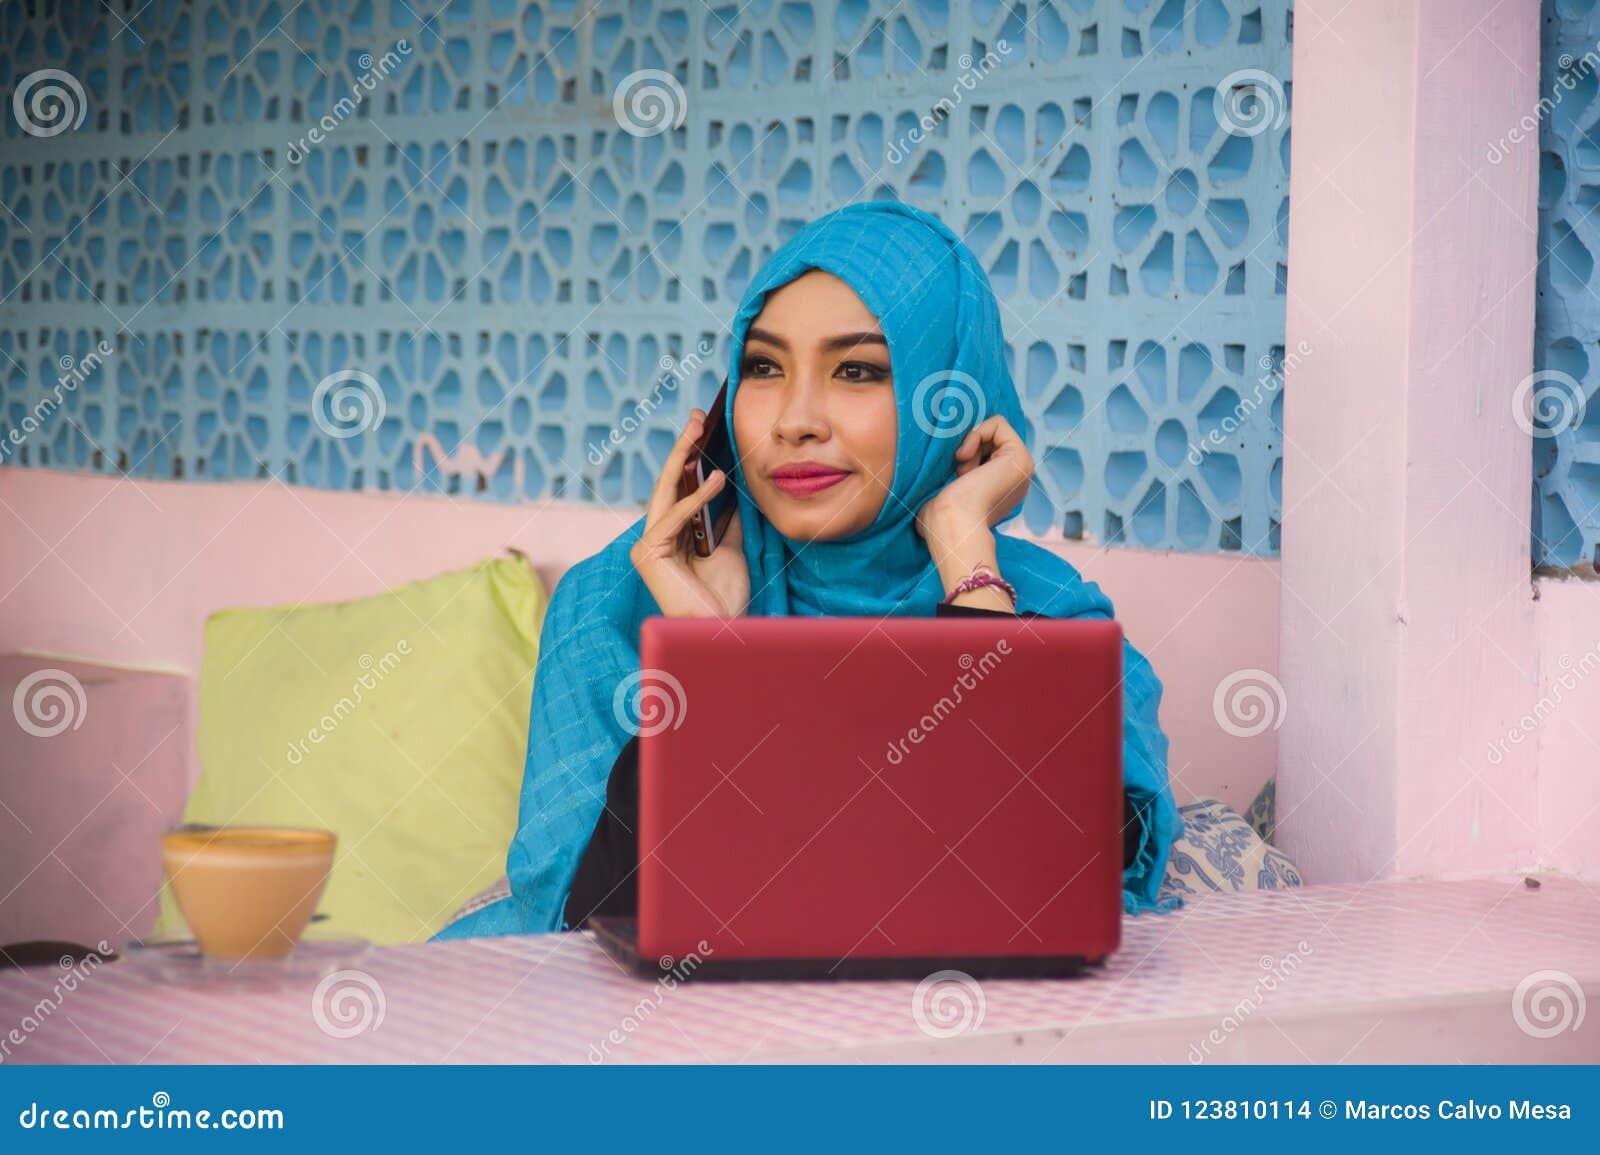 Junge schöne und glückliche Frau in moslemischem hijab Kopftuch, das mit Laptop-Computer und Handydem vernetzungslaufen Inter- ar